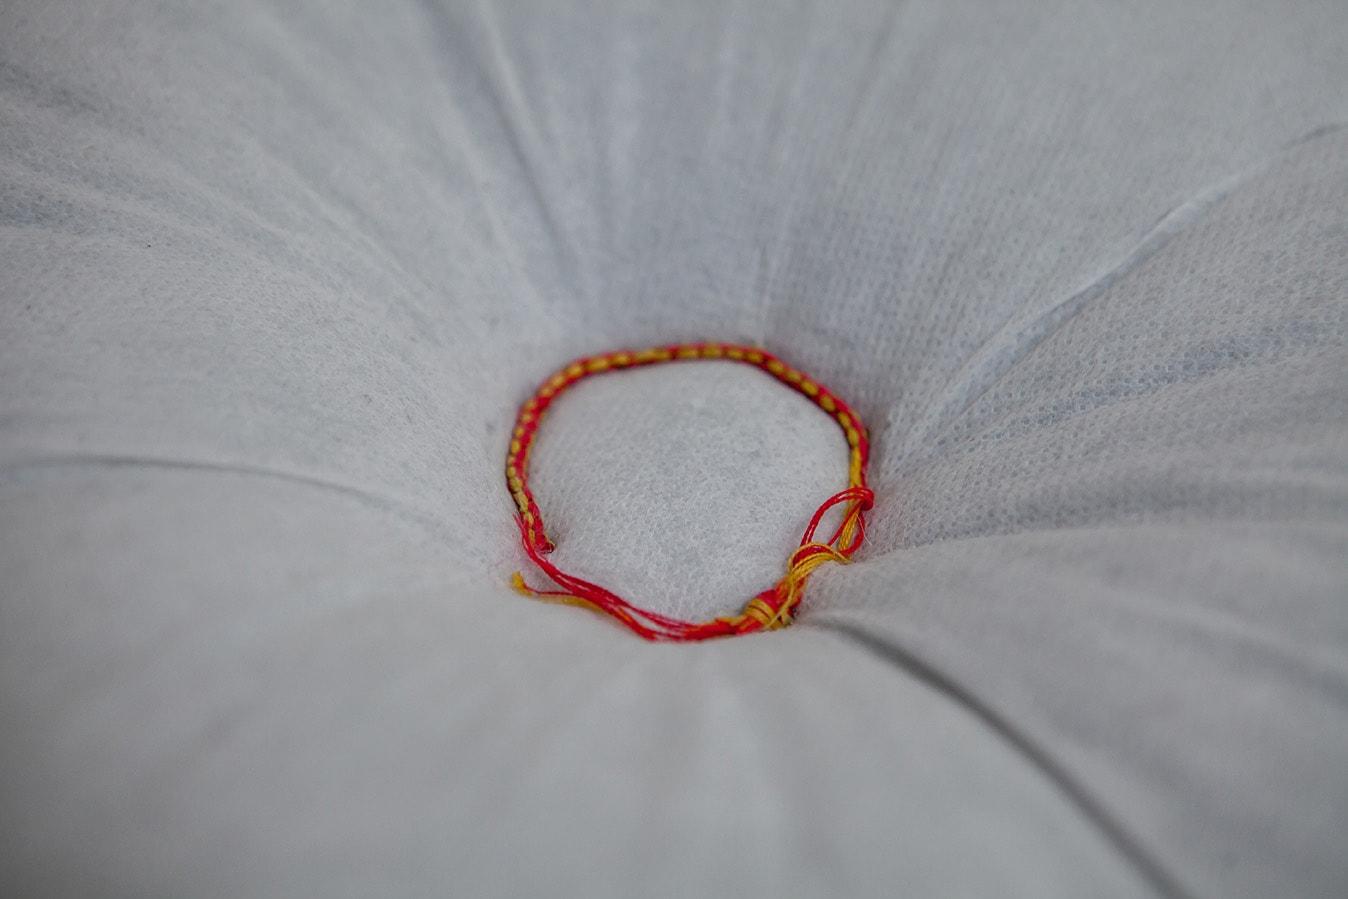 Le poids d'un vœu, (H x L x l): 5 cm x 20 cm x 20 cm Coussin, bracelet bouddhiste 2016